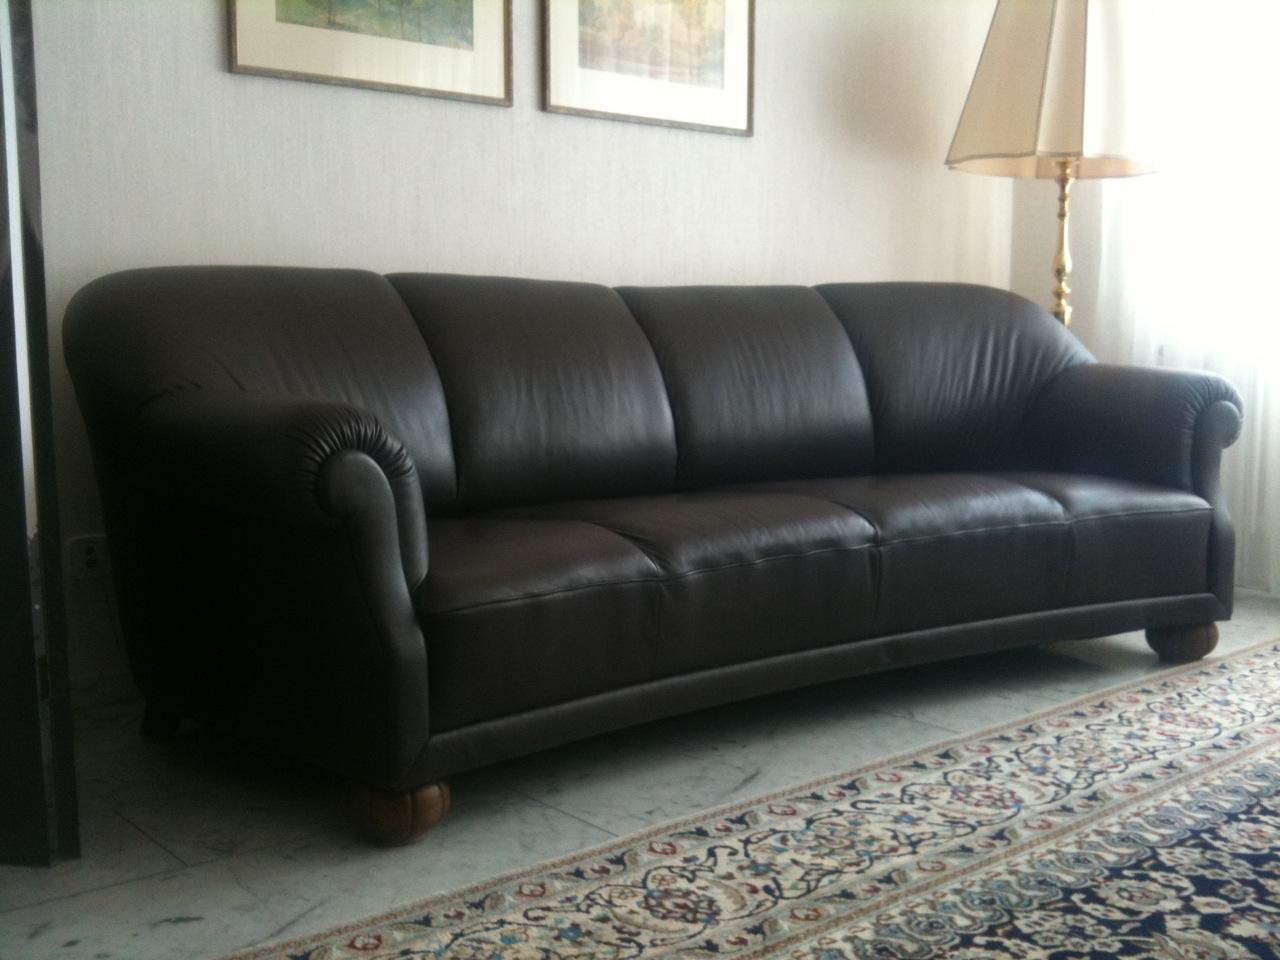 m bel und haushalt kleinanzeigen in iltishof. Black Bedroom Furniture Sets. Home Design Ideas